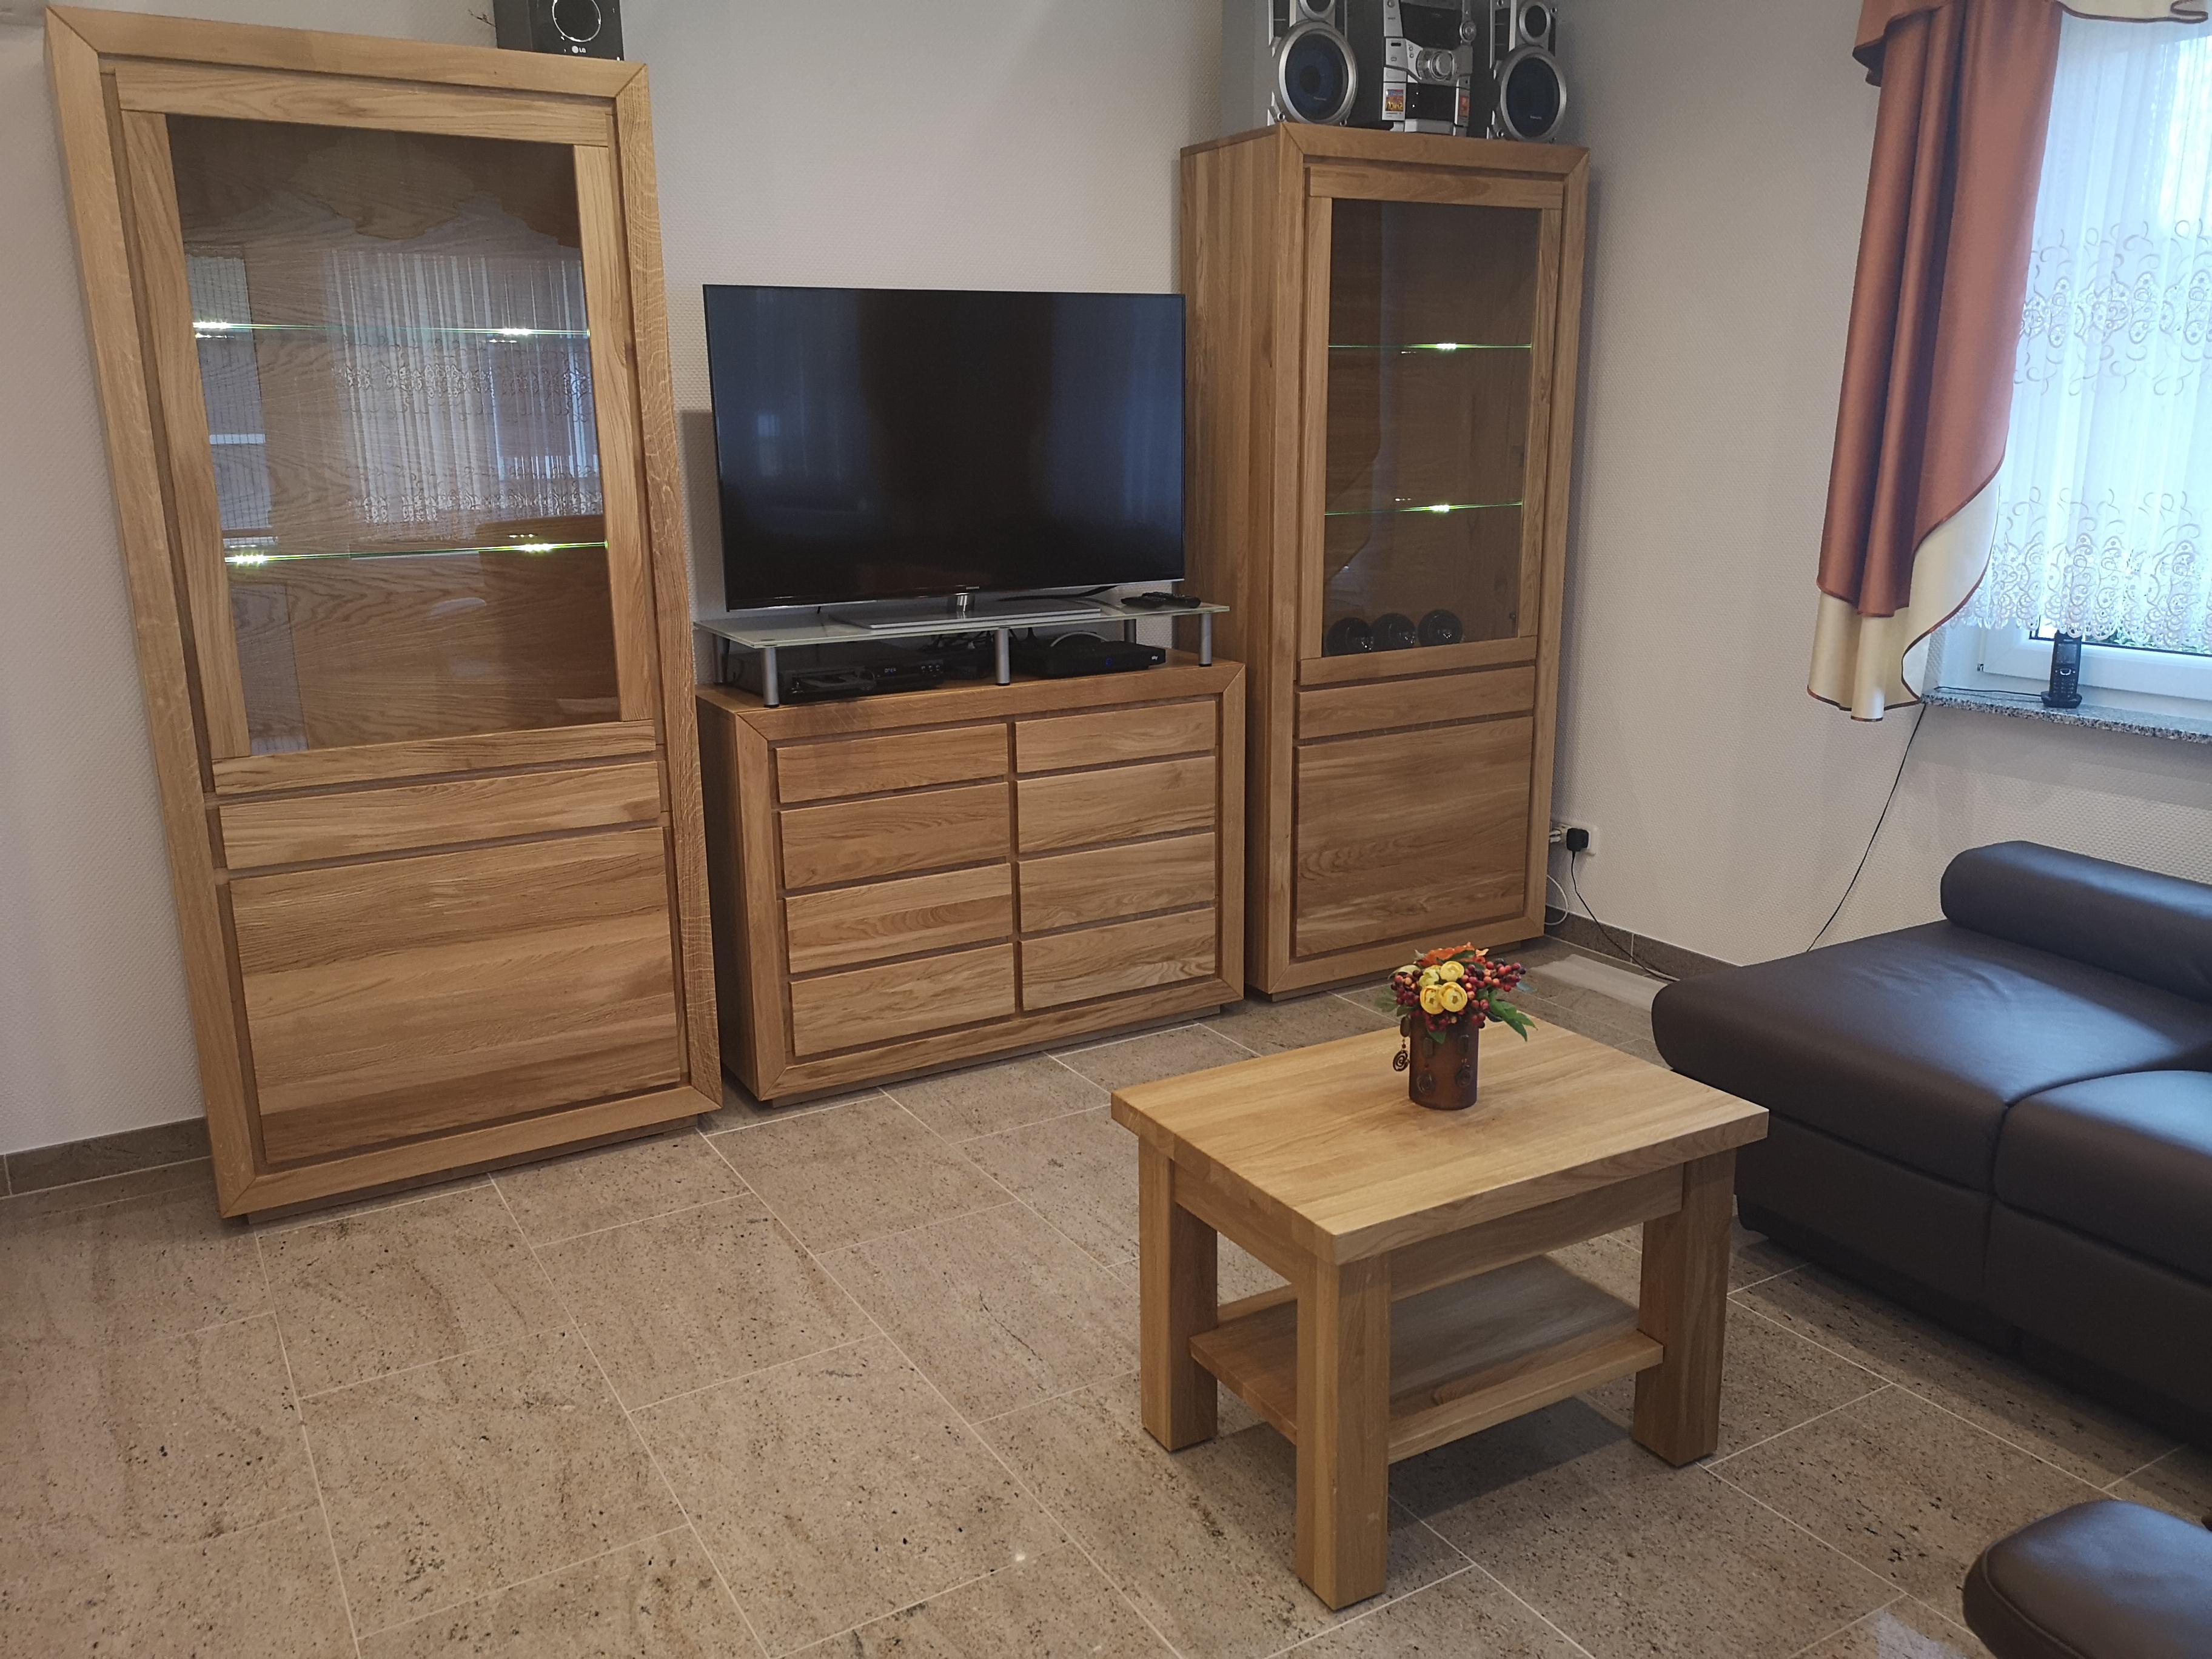 meble do salonu z drewna dębowego kolor naturalny